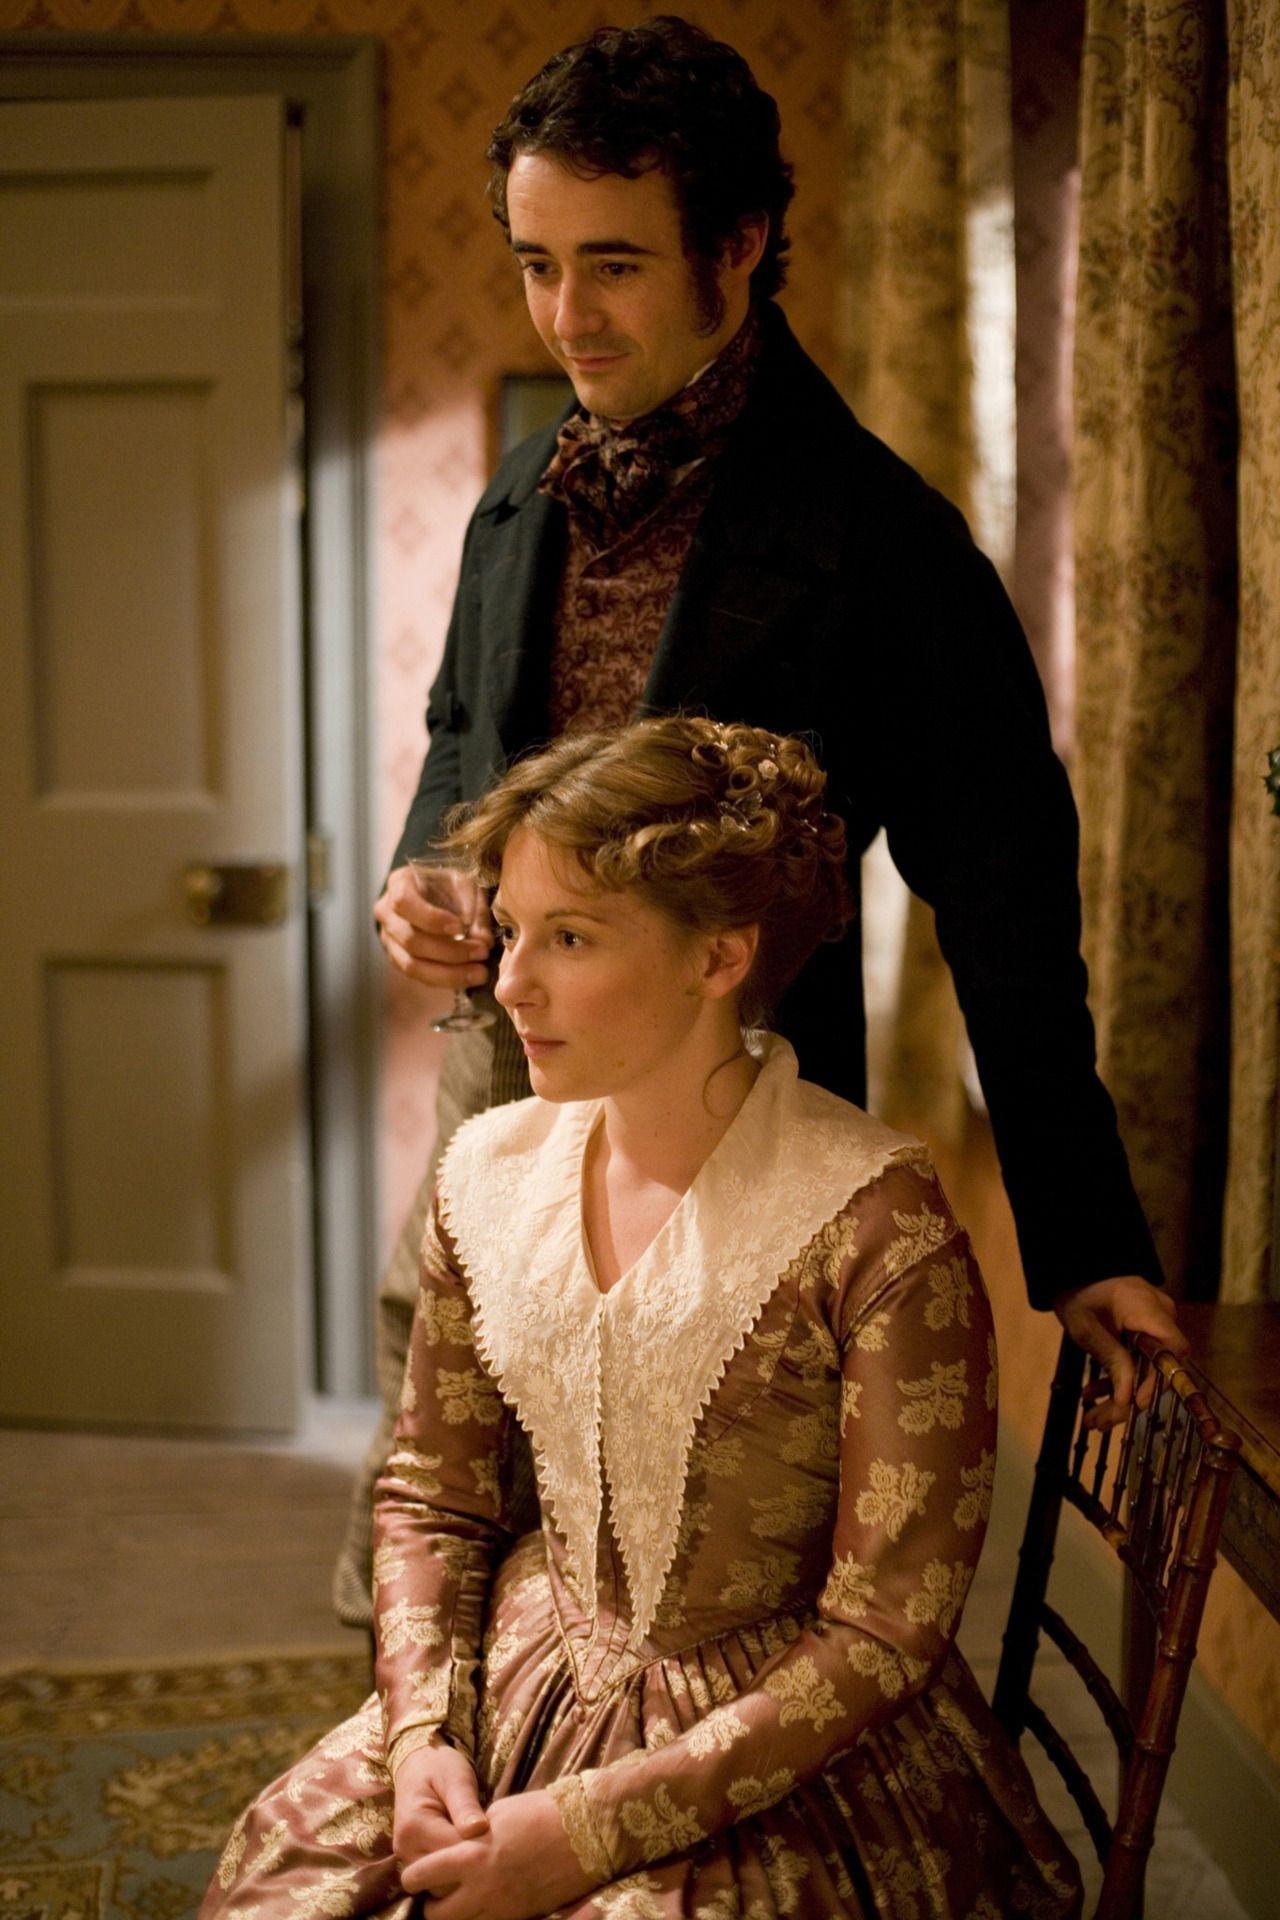 Lisa Dillon as Mary Smith and Joe McFadden as Jack Marshland